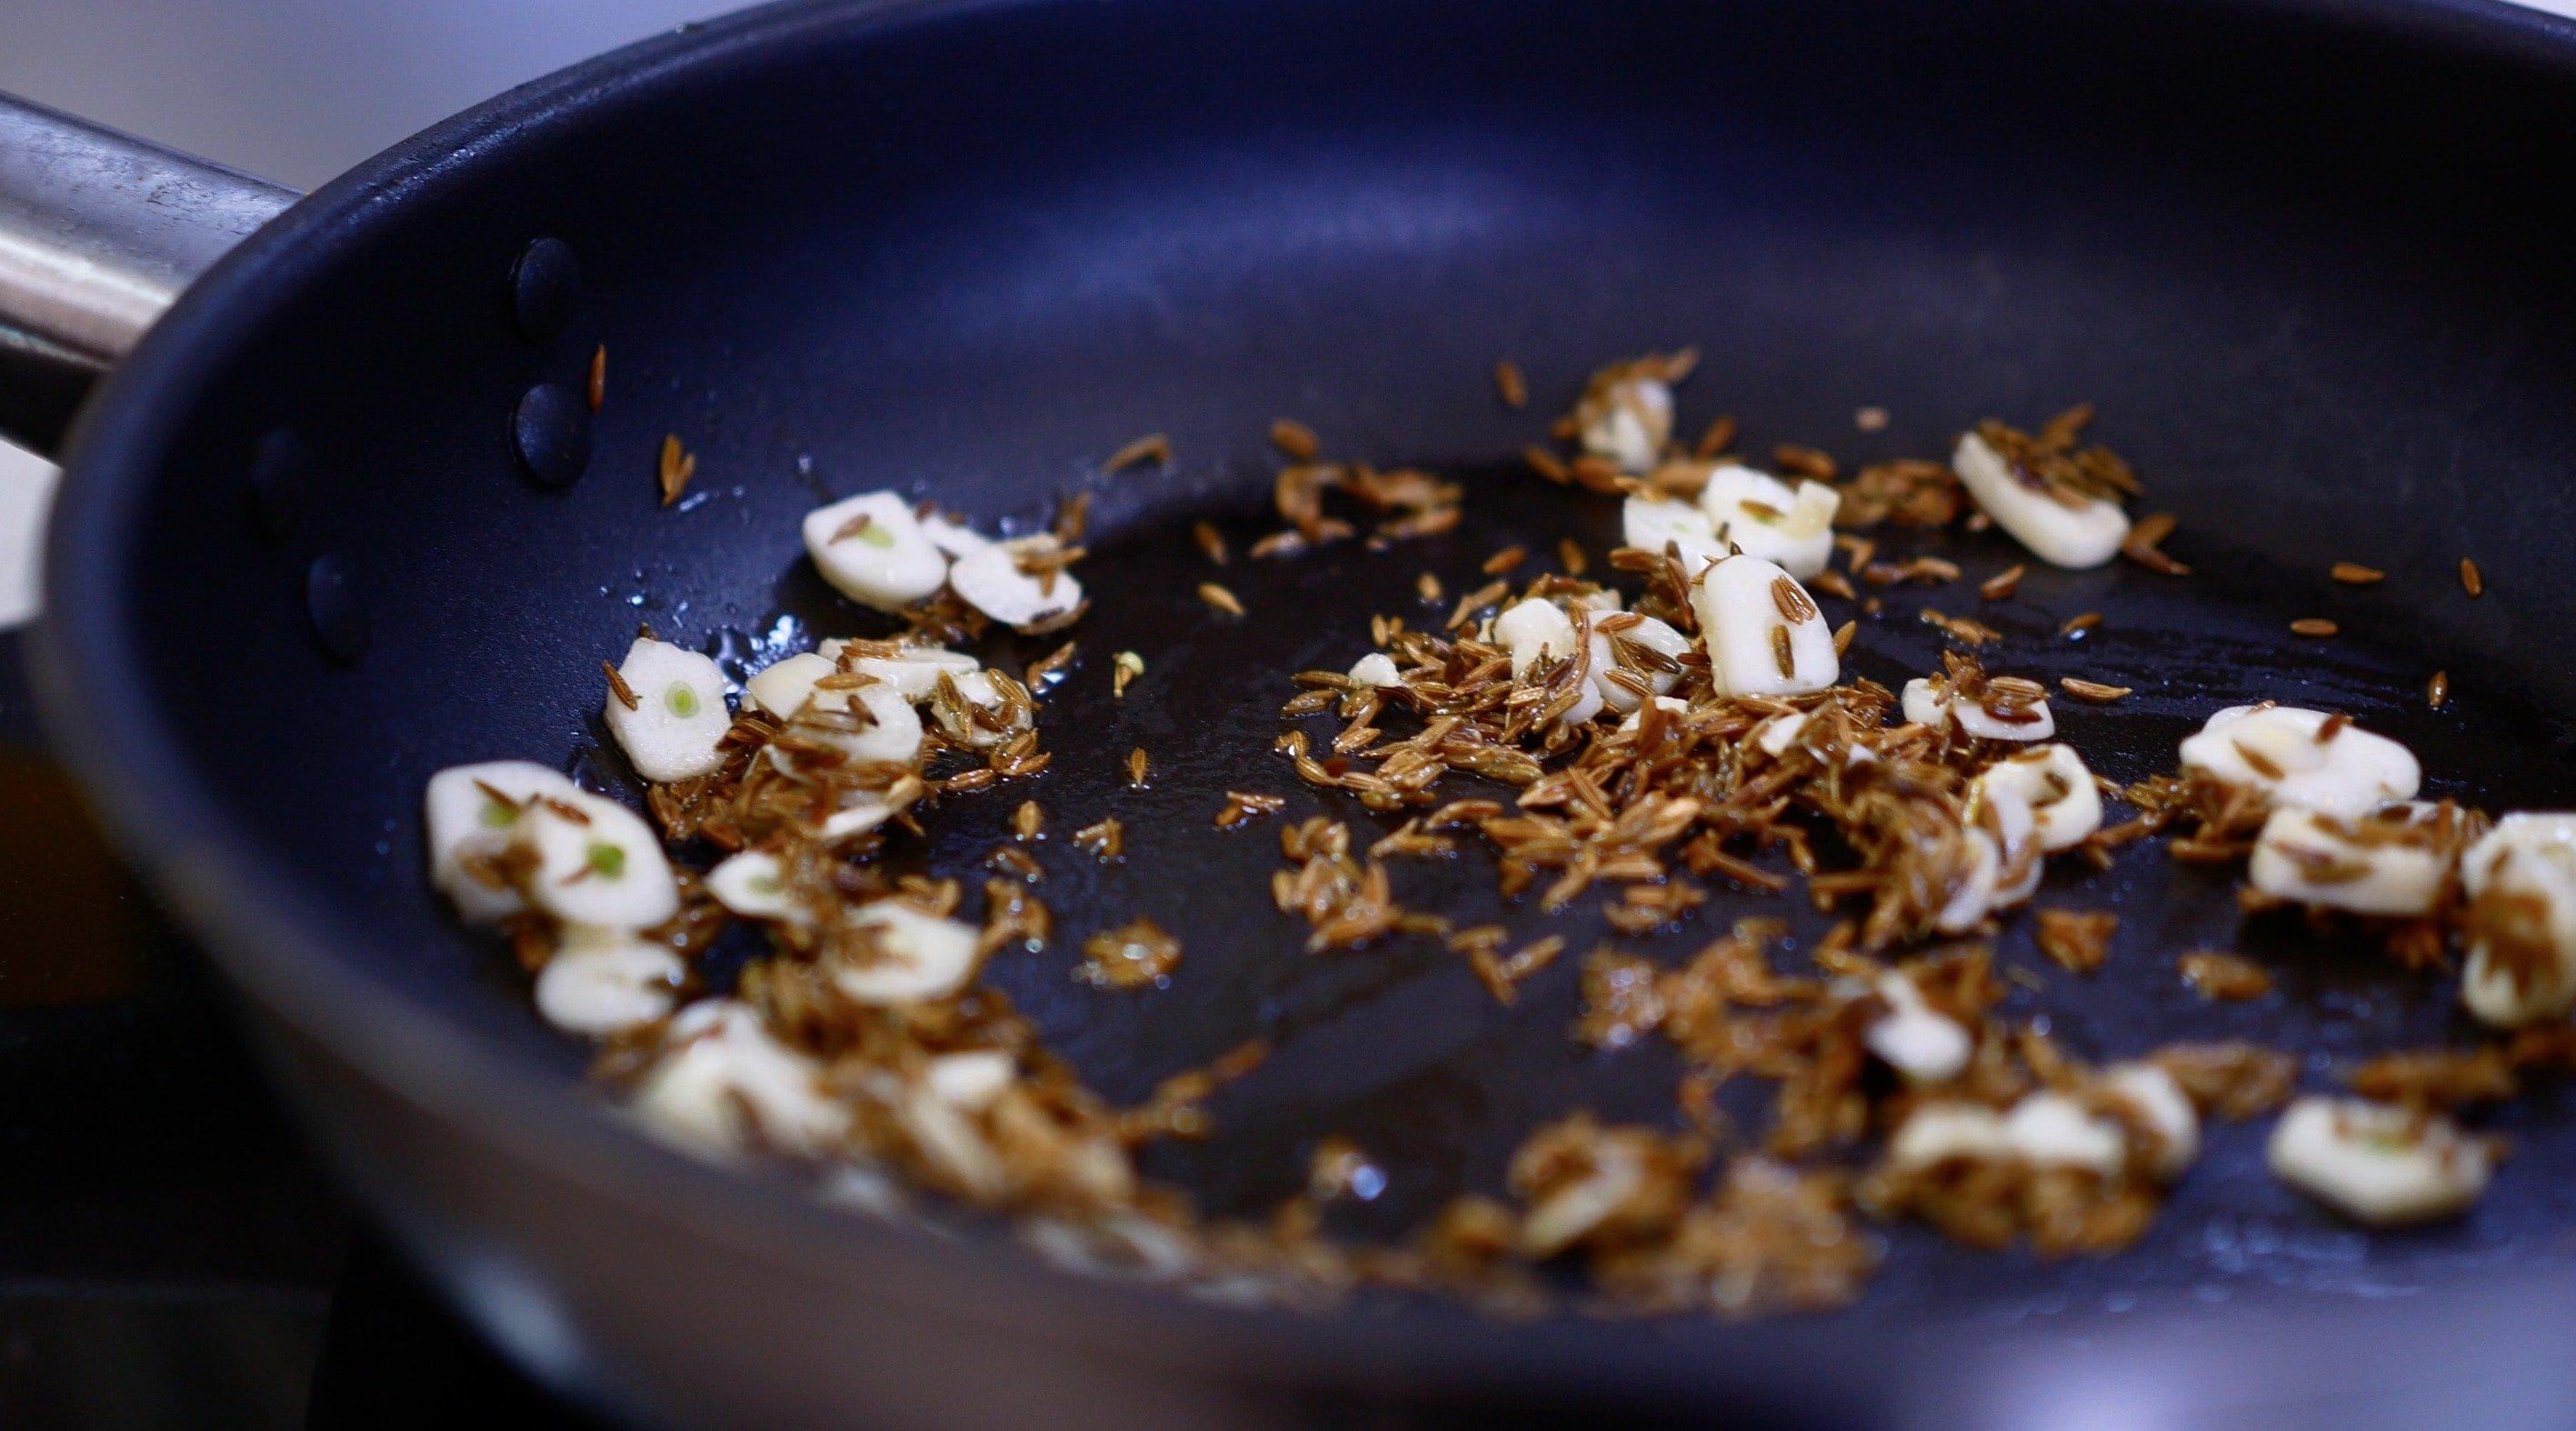 Пережарьте чеснок вместе с тмином для моджо до золотистого цвета (на среднем нагреве), около 2х минут